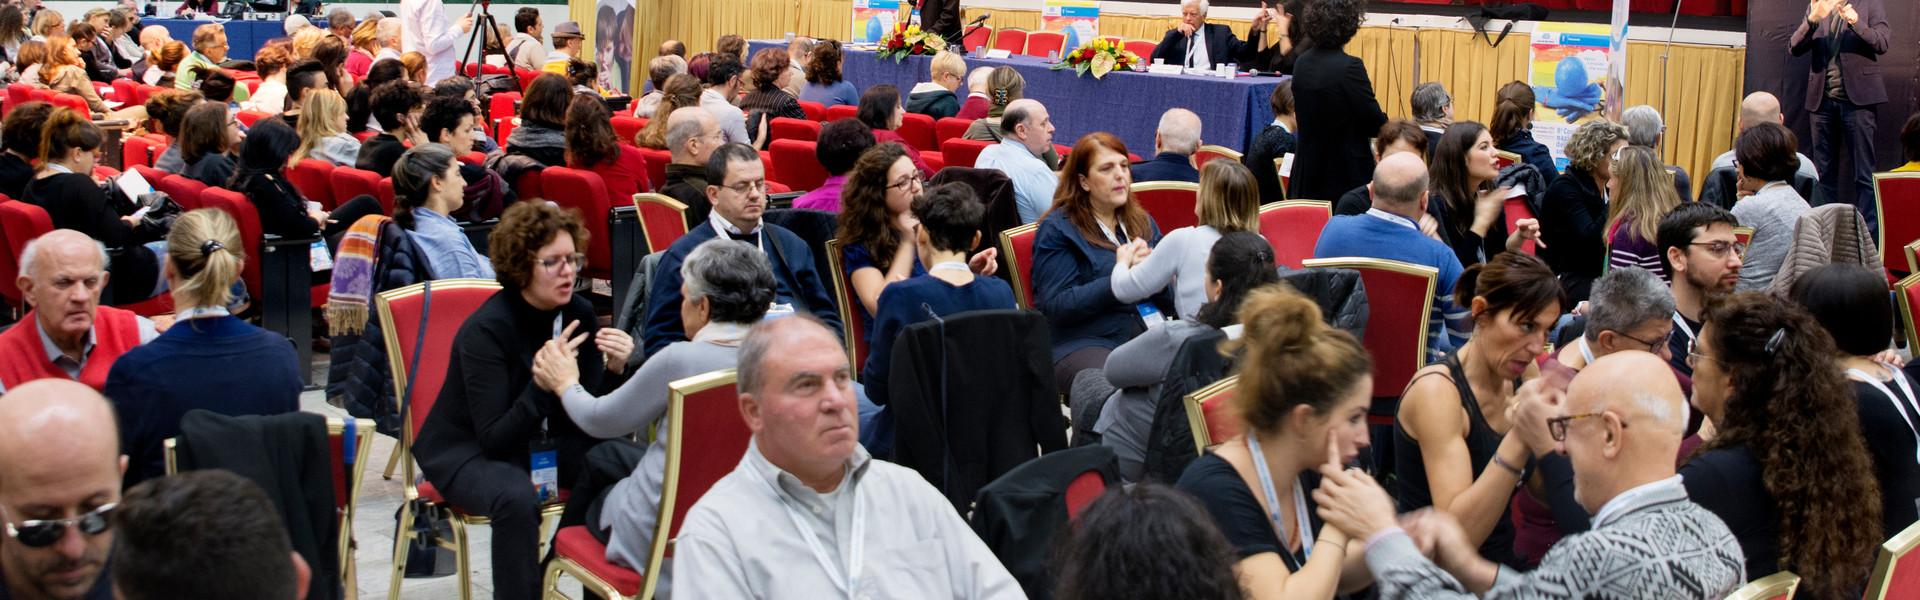 Conferenza nazionale delle persone sordocieche anno 2018. vista della platea. tante persone sordocieche e interpreti comunicano tra loro in LIS tattile e Malossi